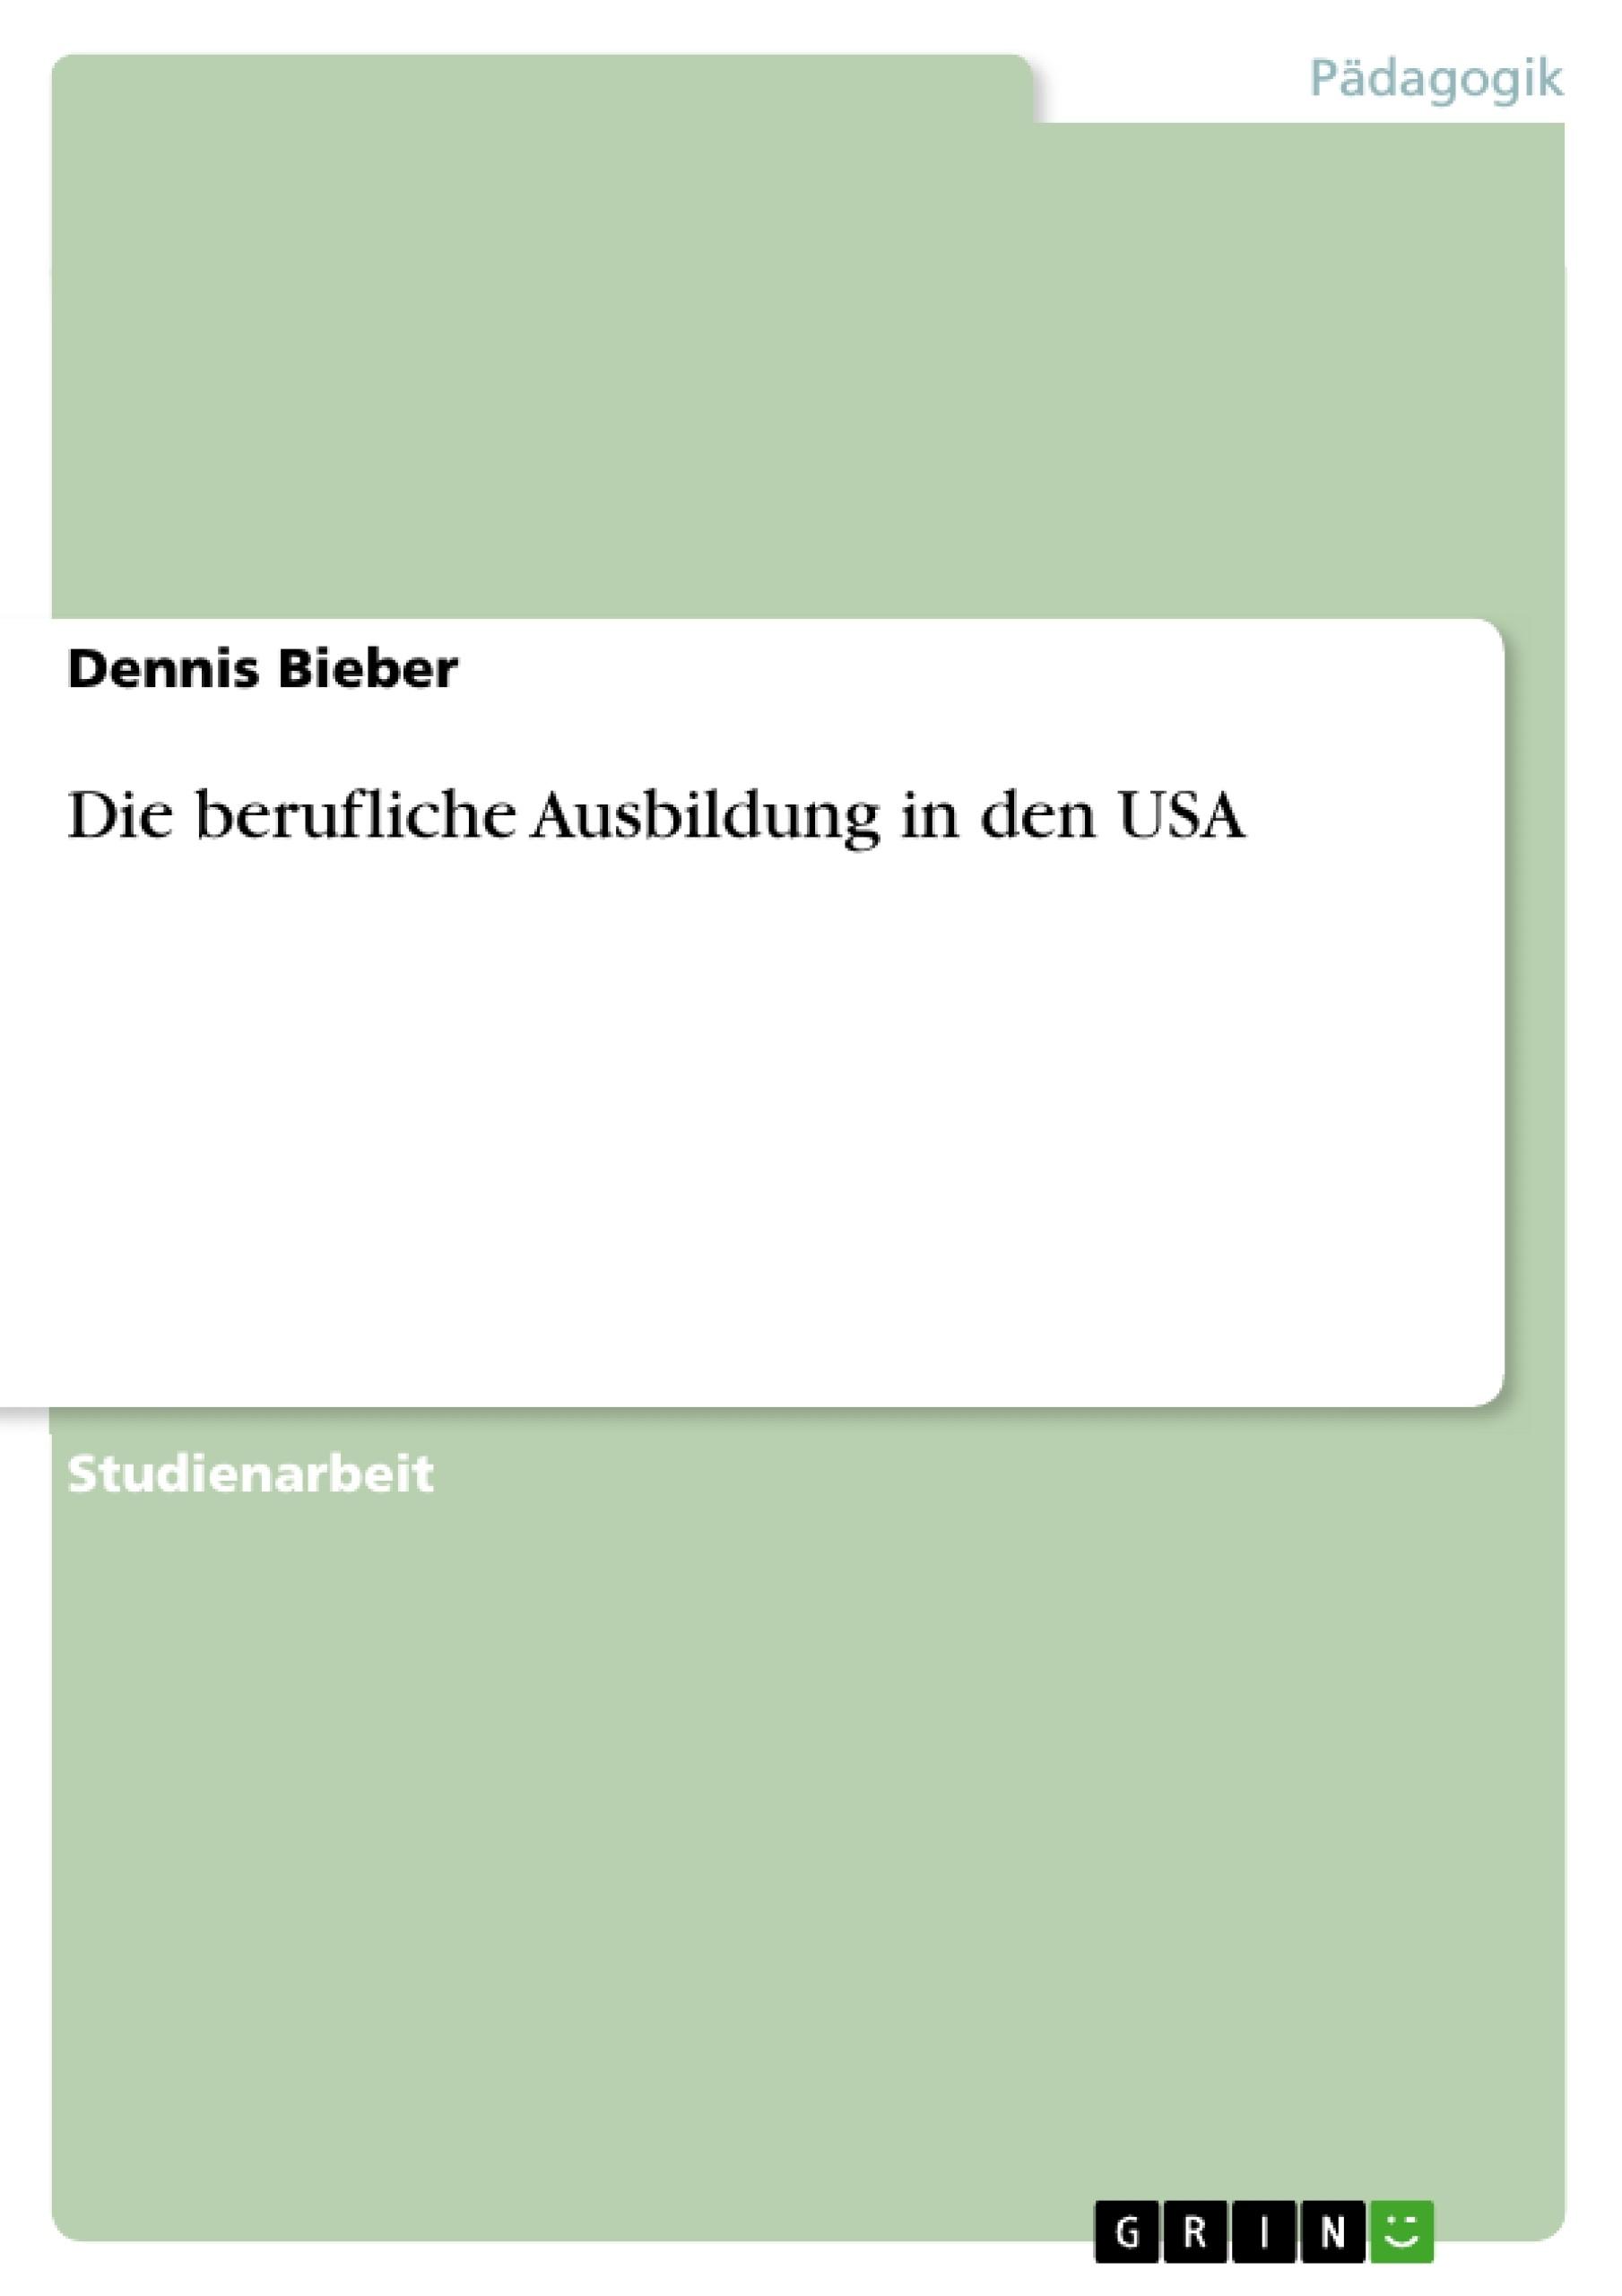 Titel: Die berufliche Ausbildung in den USA